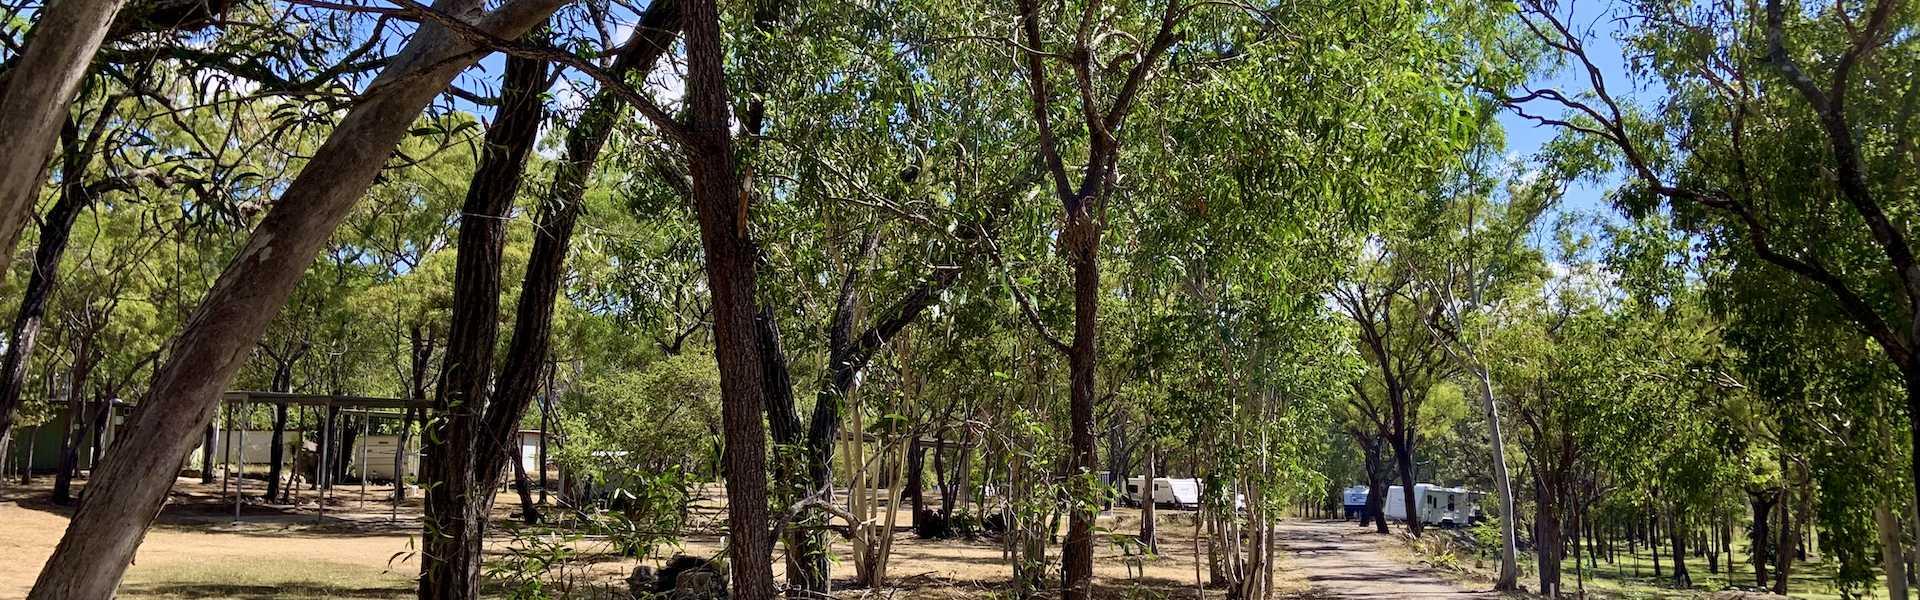 Kui Parks, Mt. Carbine Caravan Park QLD